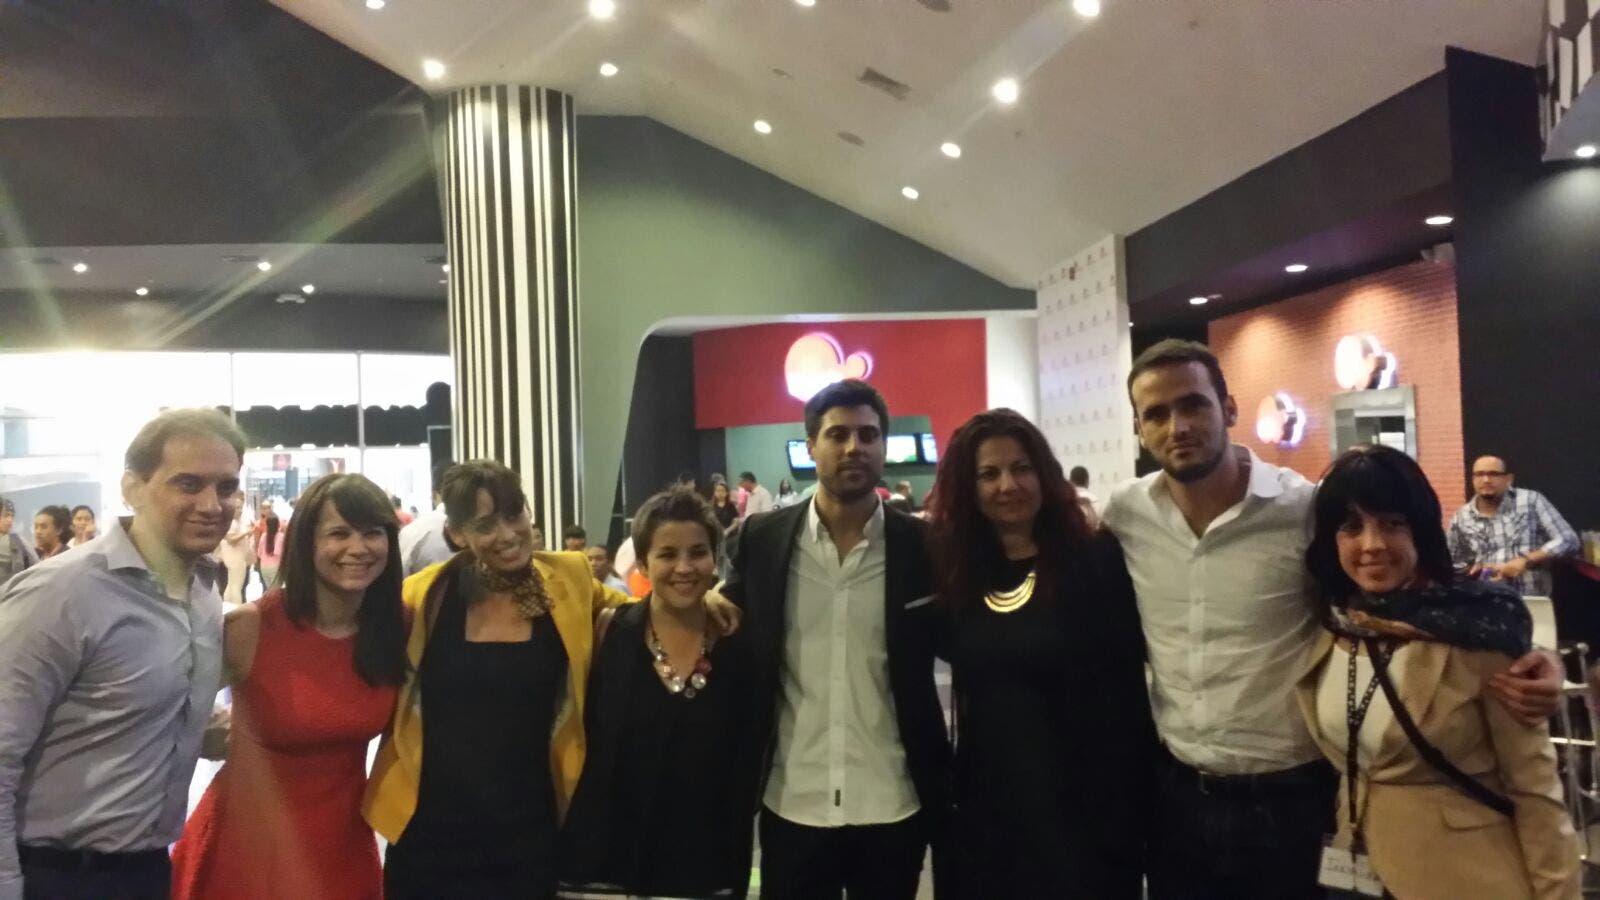 Con más de 200 participantes finaliza con éxito V Congreso de Marketing digital TycSocial